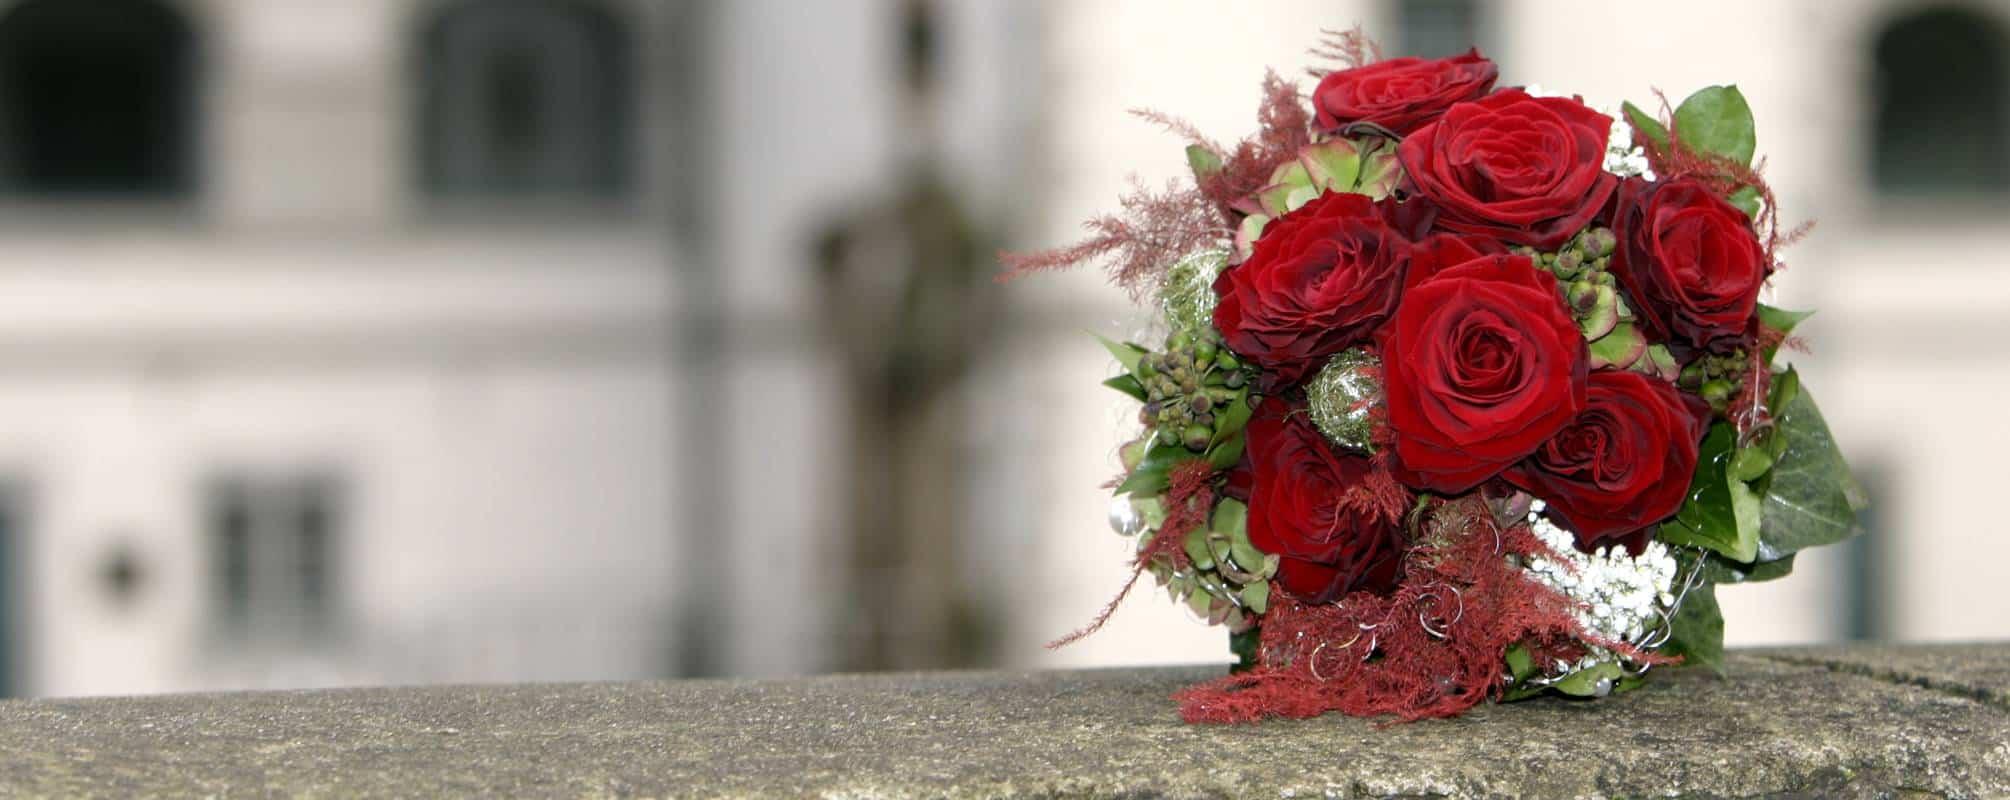 Brautstrauß roten Rosen liegt auf einer Mauer